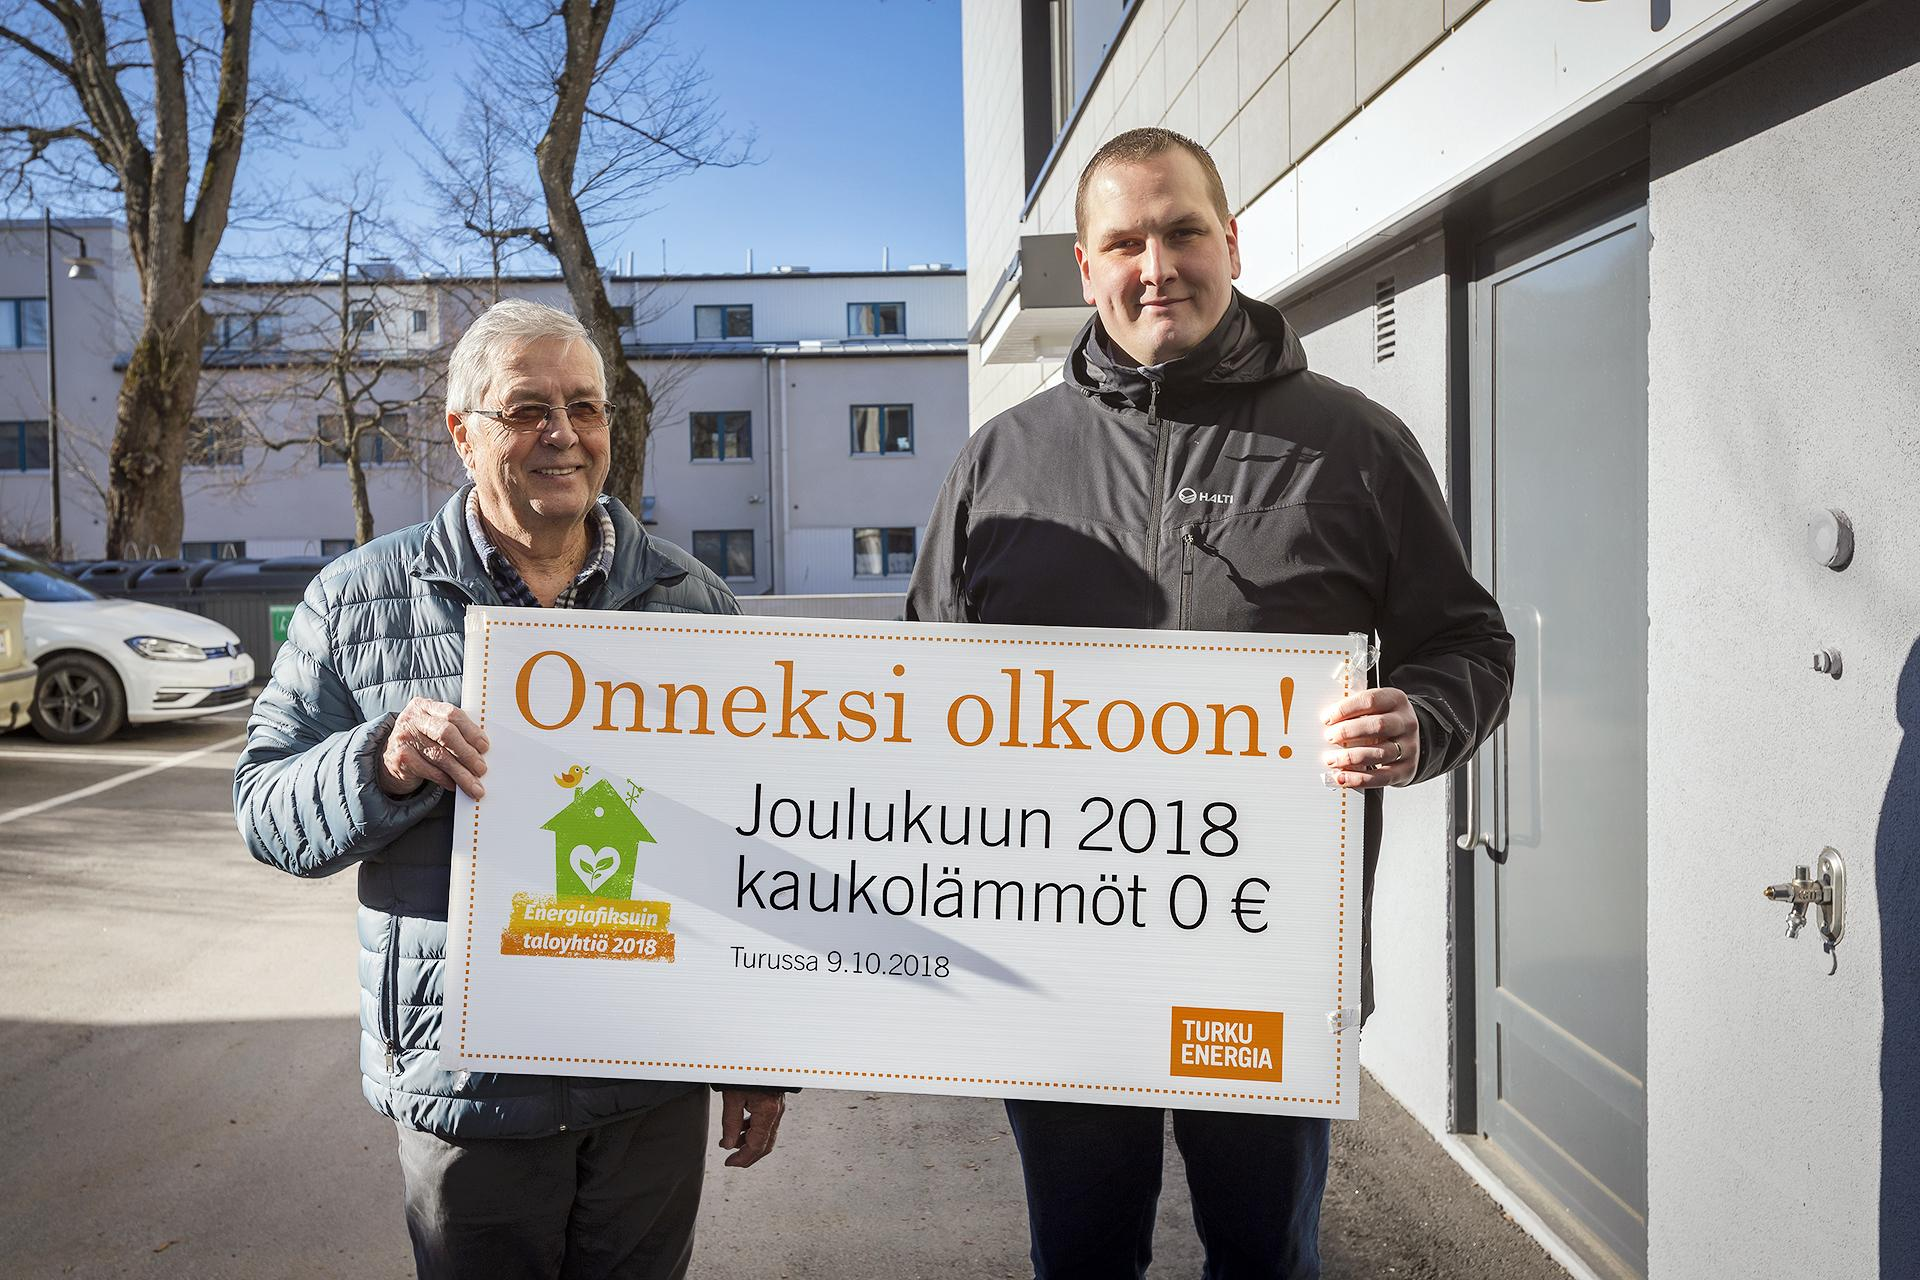 """Kaksi miestä pitelee suurta sekkiä, jossa lukee """"Onneksi olkoon! Joulukuun 2018 kaukolämmöt 0 €""""."""